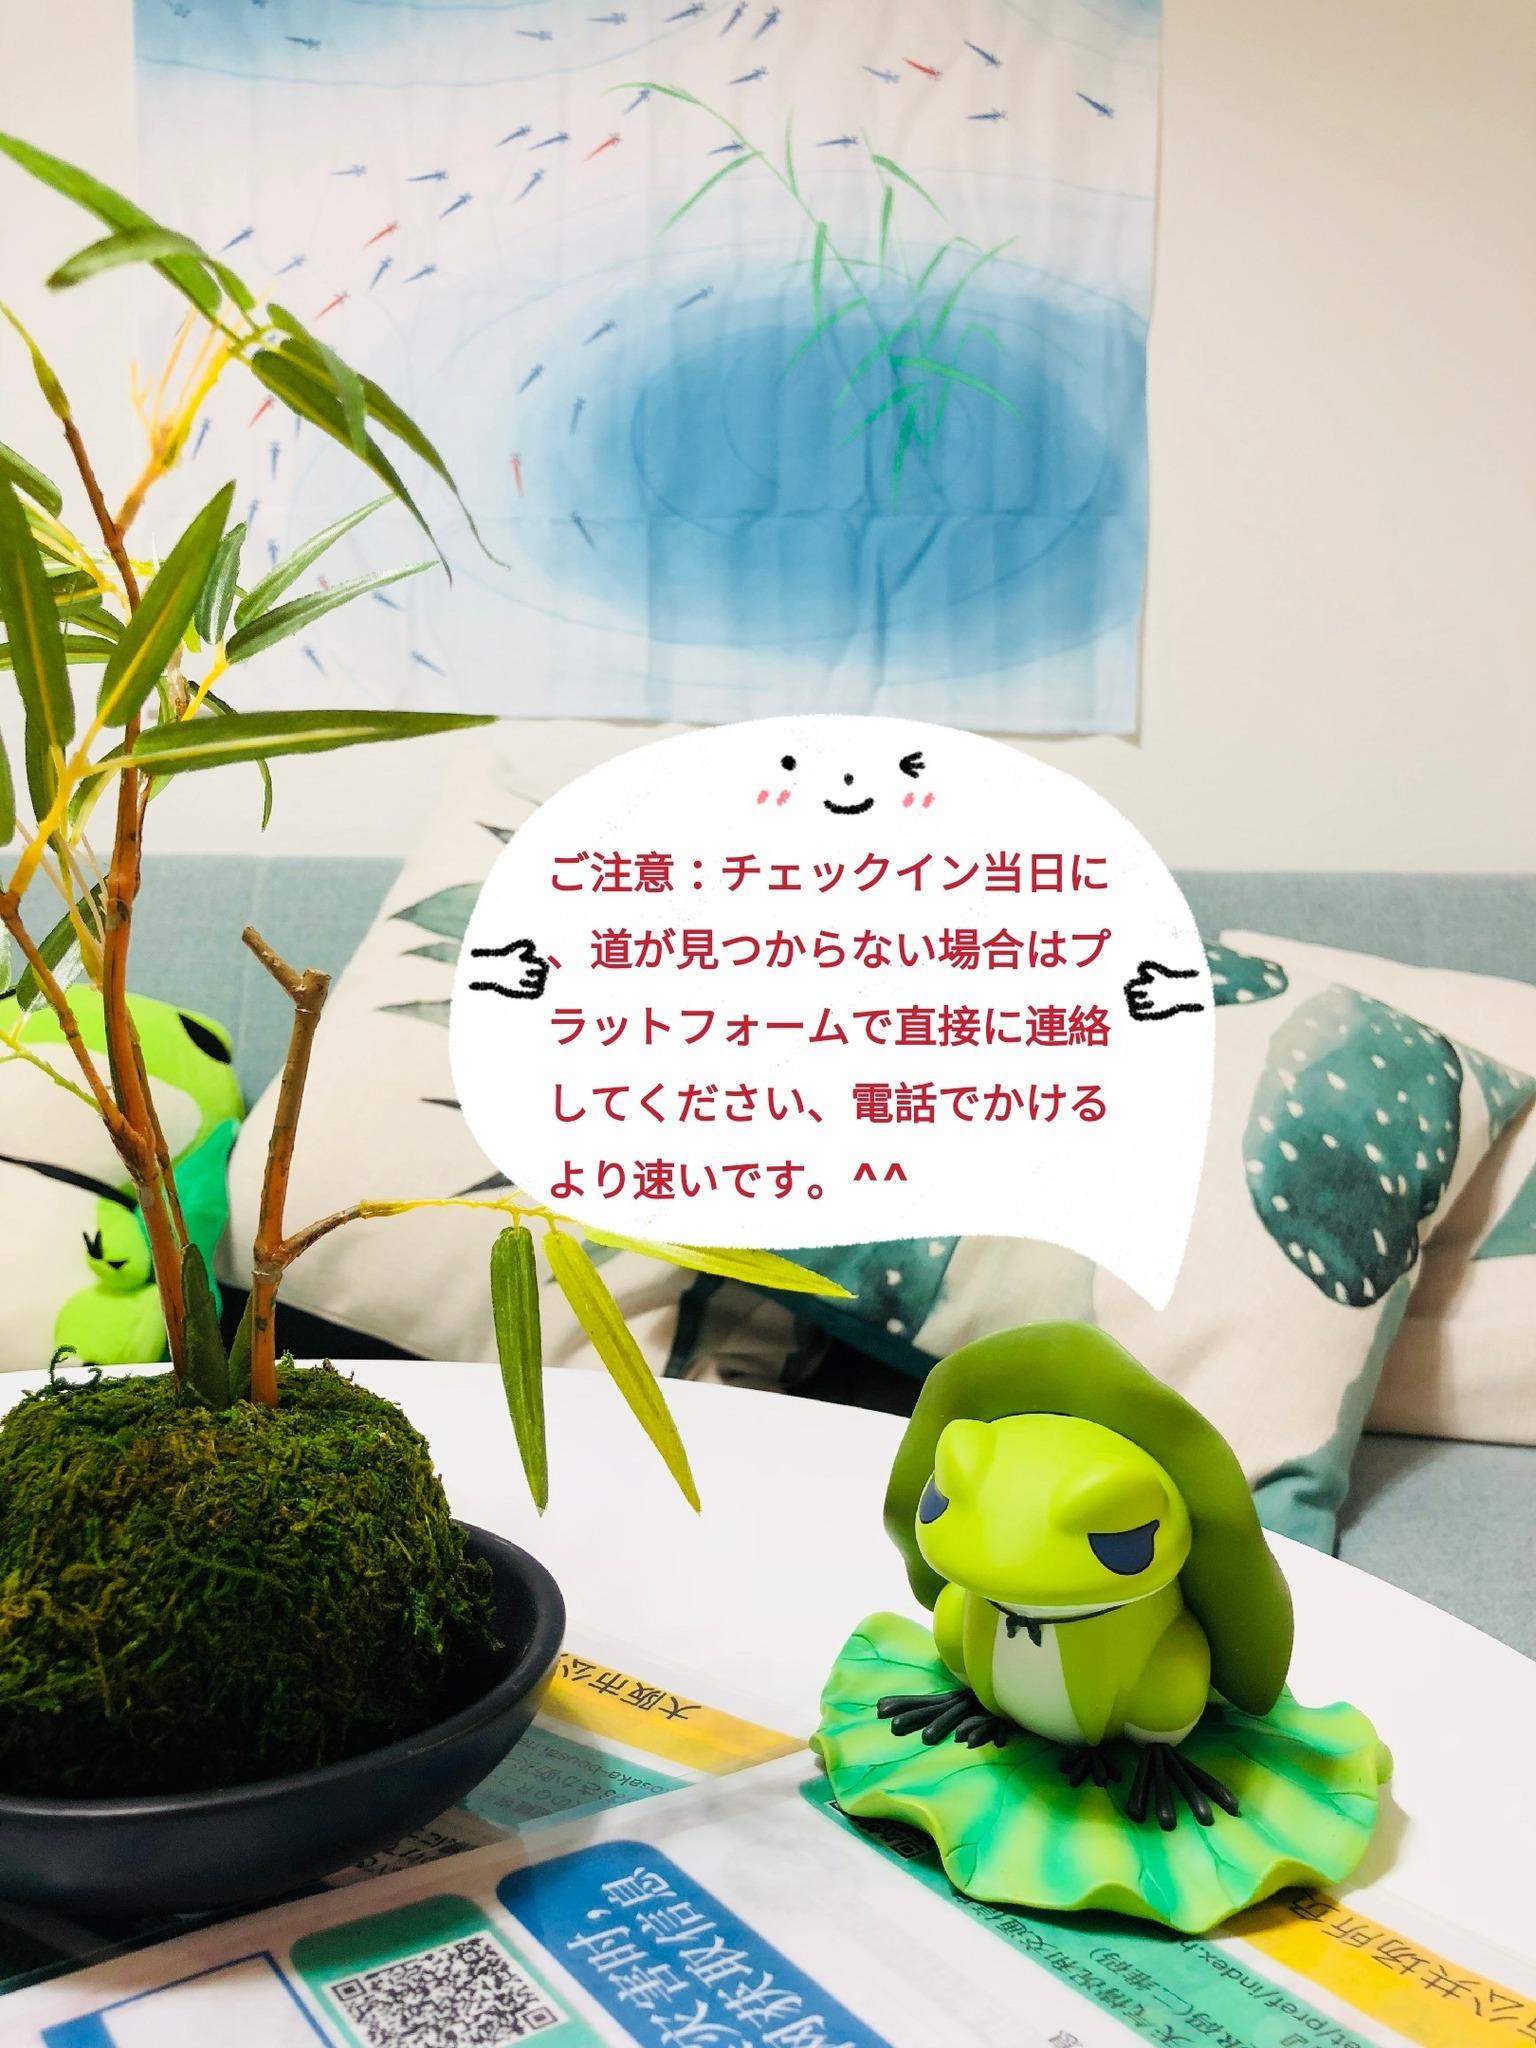 ☆天王寺直通10分 ☆3LDK2トイレ☆ 2階建て一軒家貸切